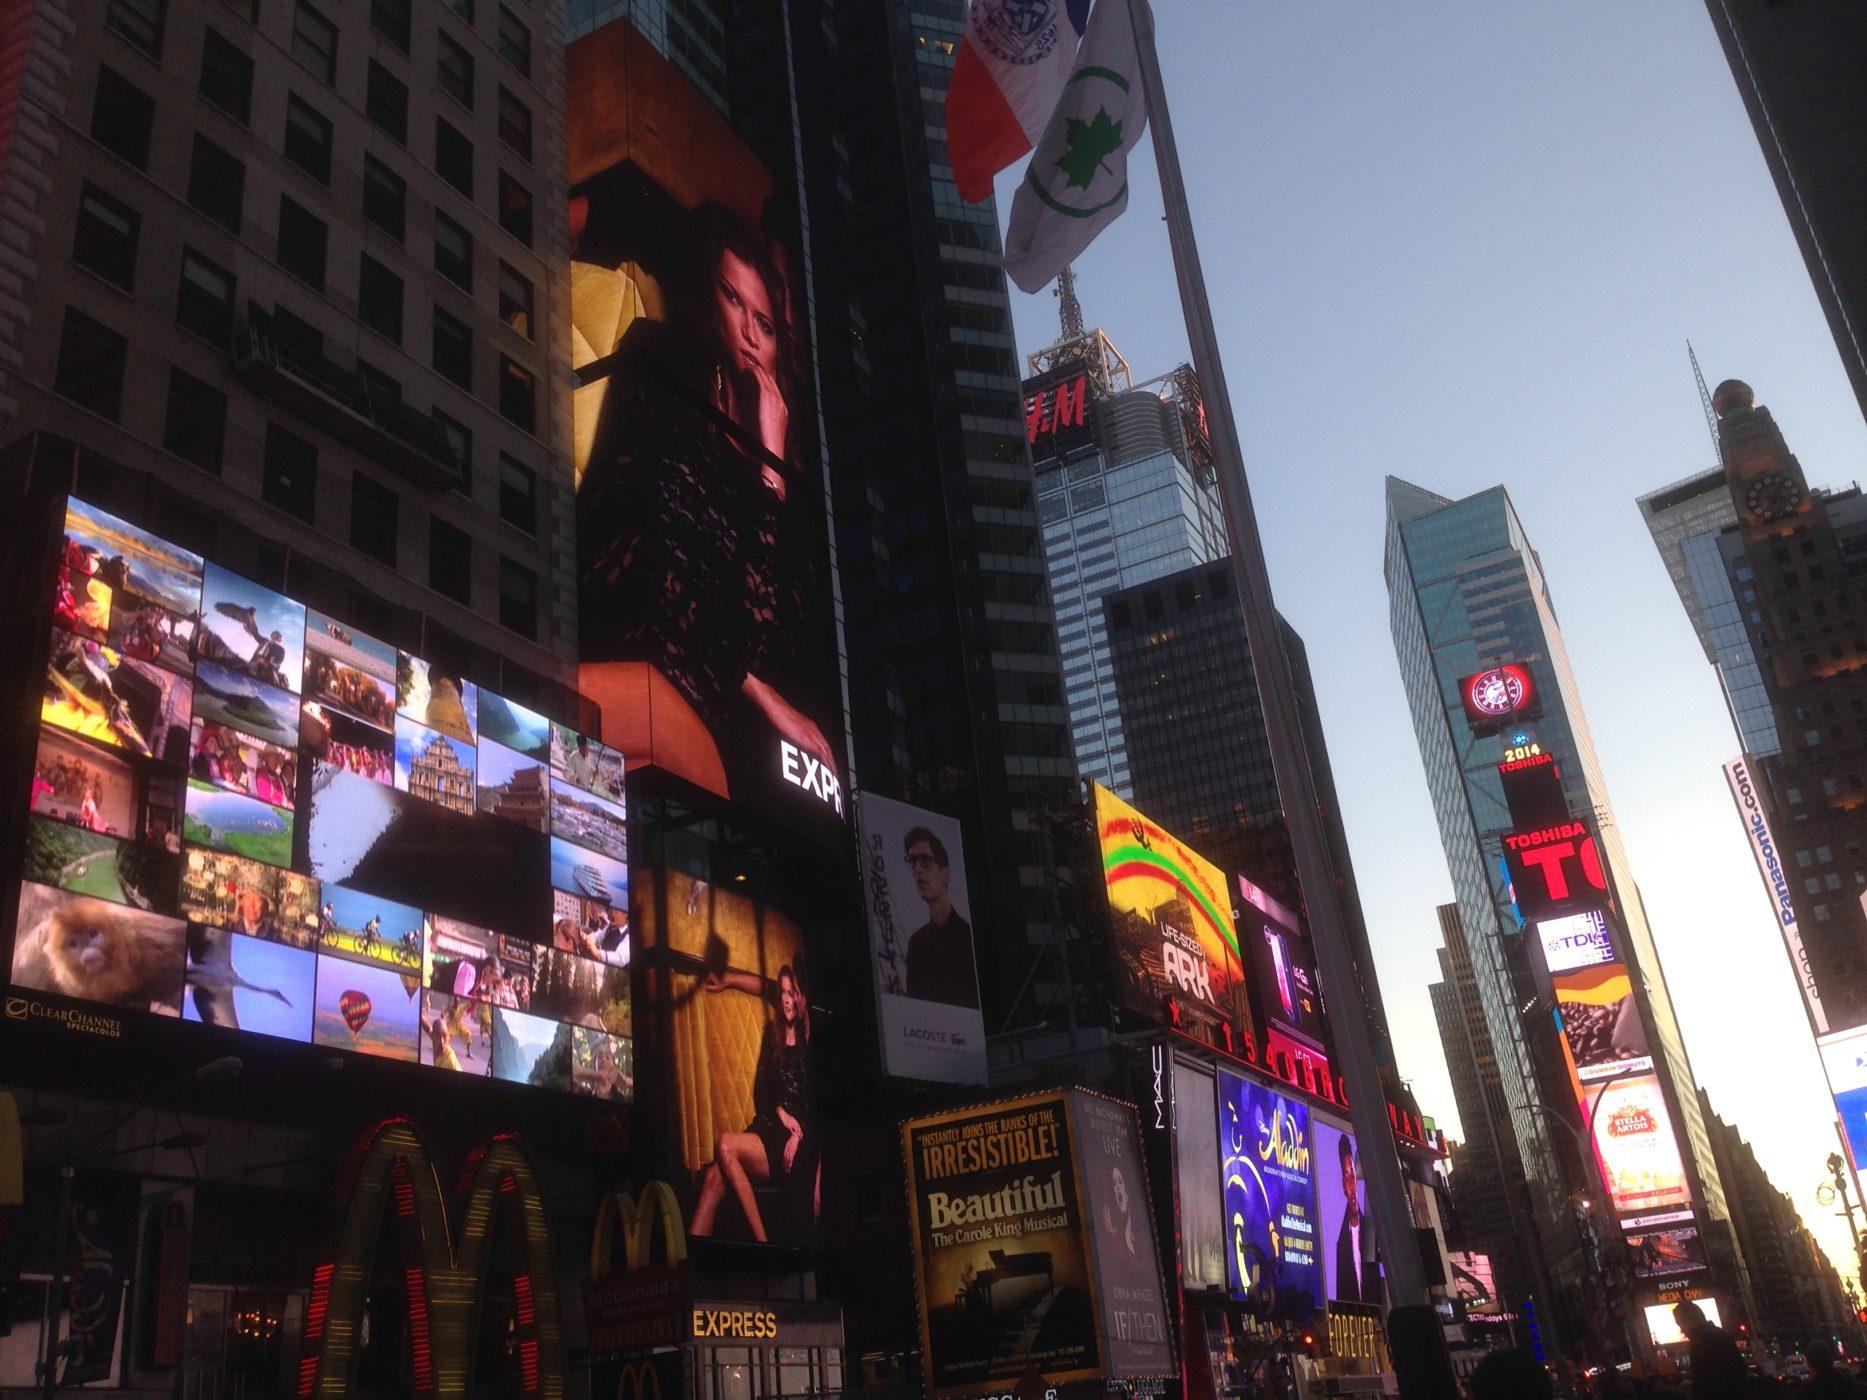 כיכר טיימס סקוור, ניו יורק. צילום: רועי לטקה